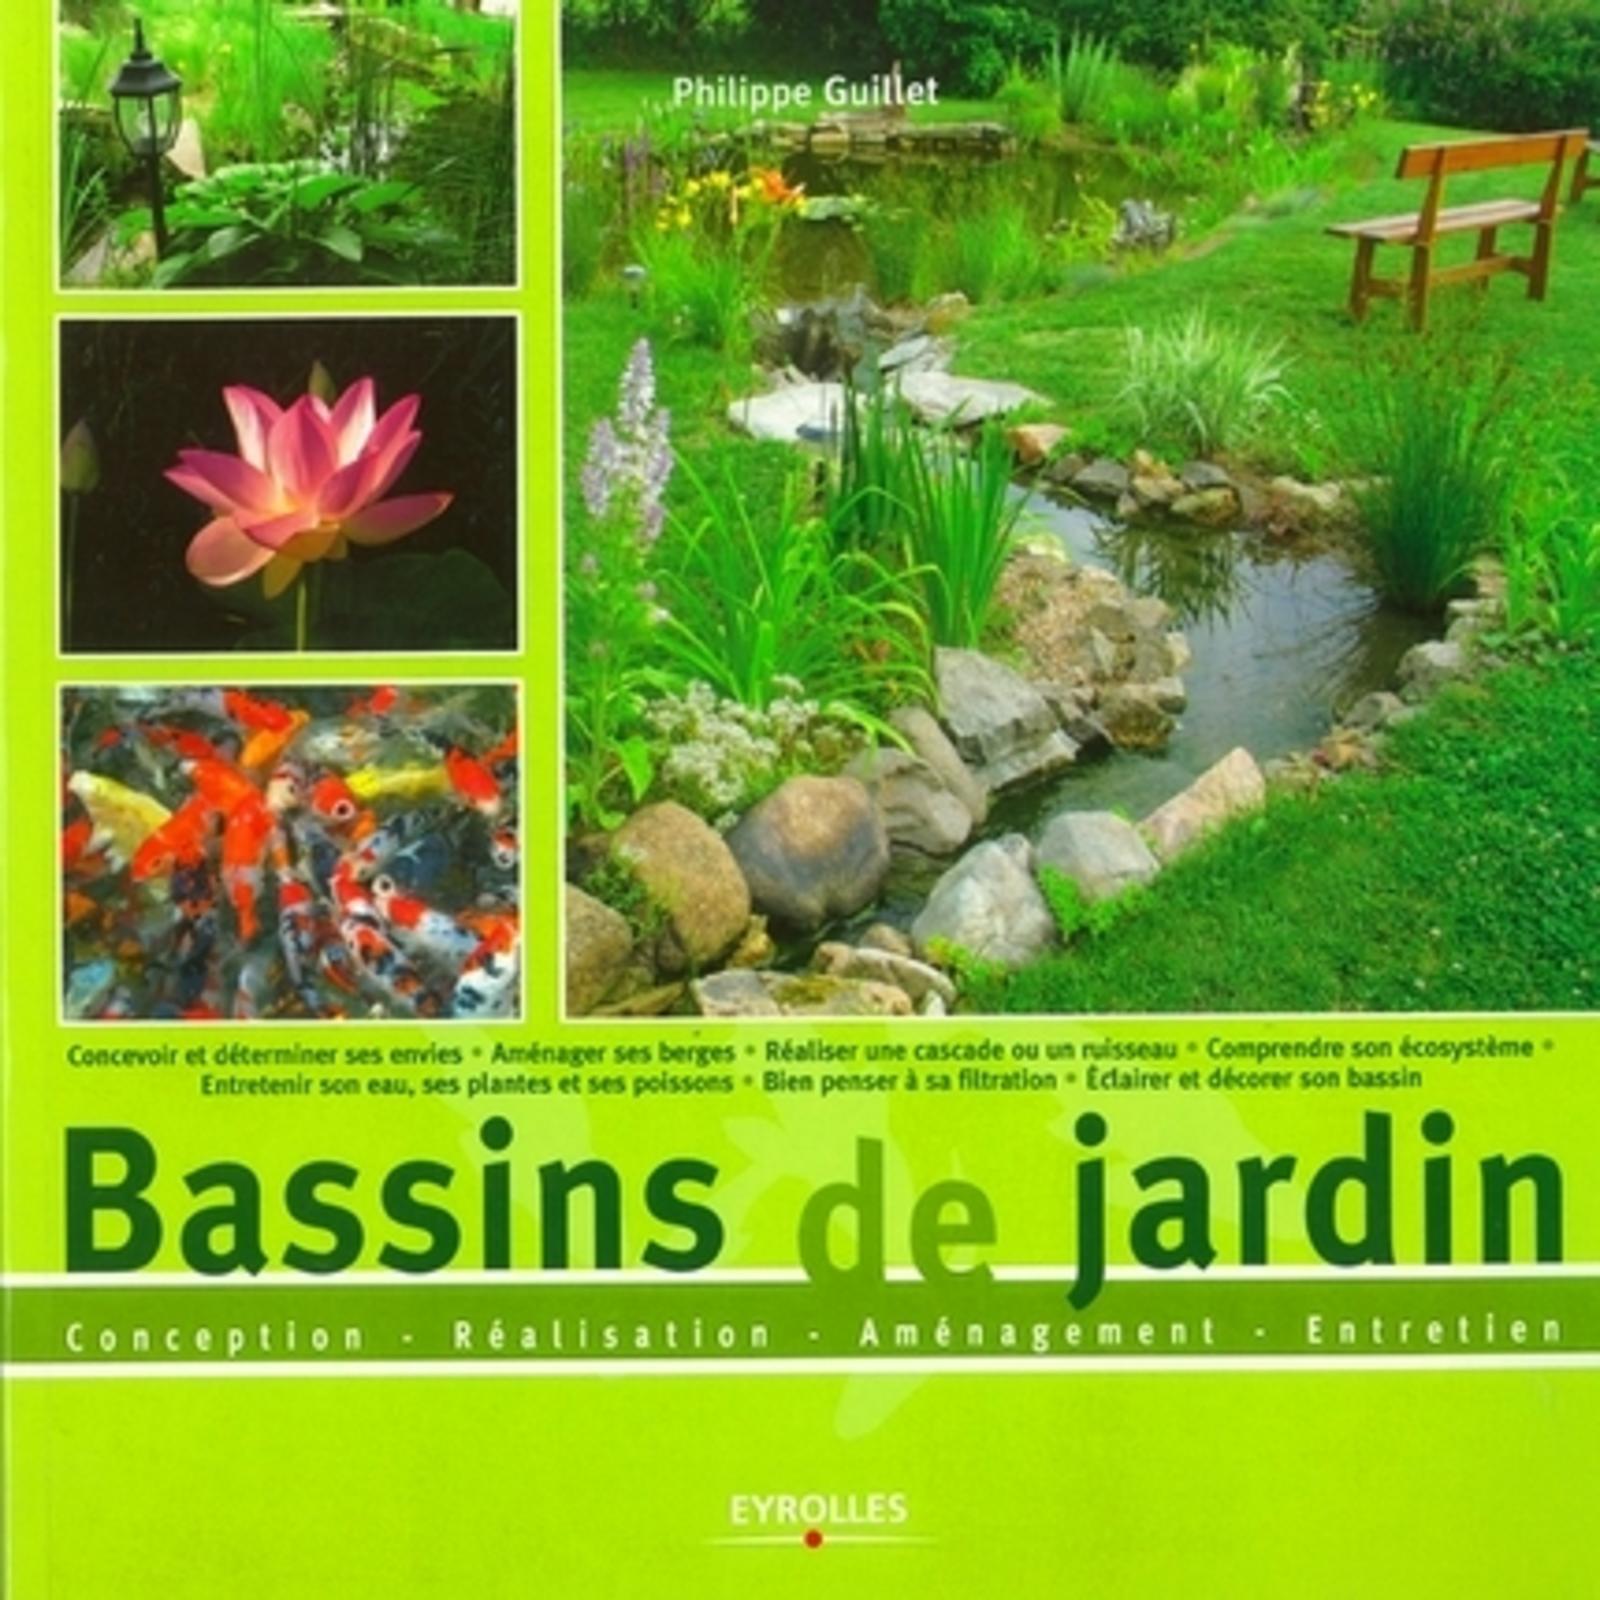 BASSINS DE JARDIN CONCEPTION, REALISATION, AMENAGEMENT, ENTRETIEN